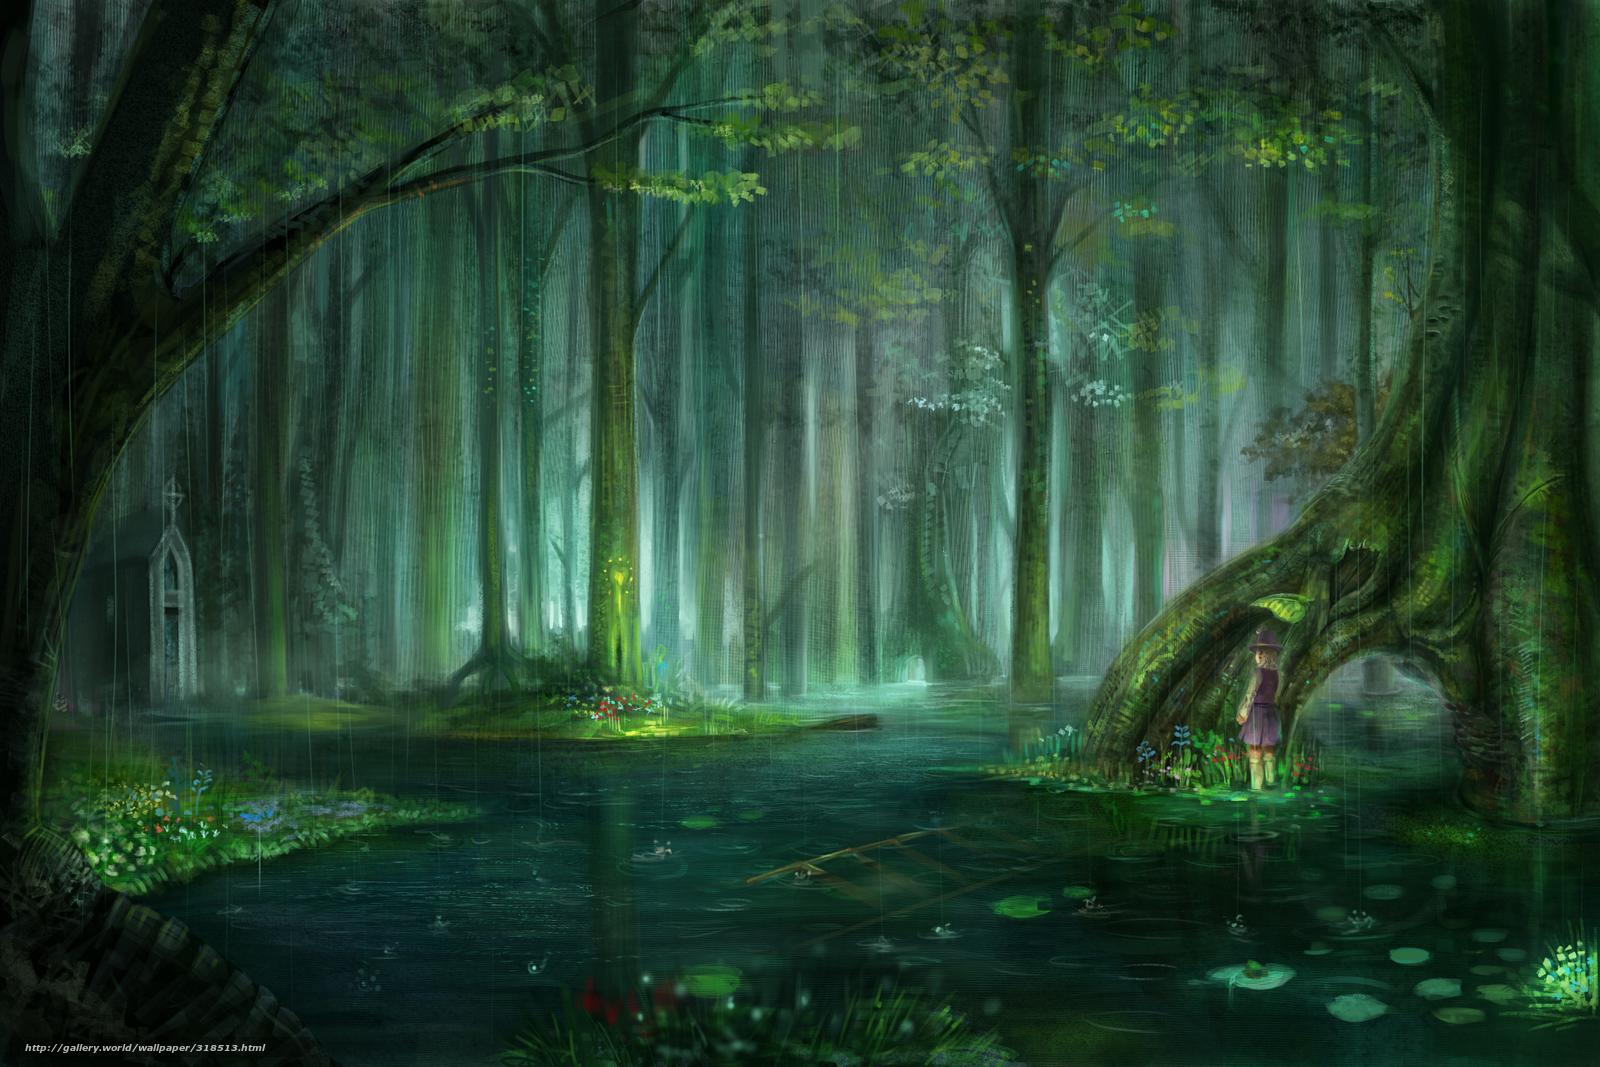 Скачать обои аниме,   лес,   дождь,   капли бесплатно для рабочего стола в разрешении 2100x1400 — картинка №318513